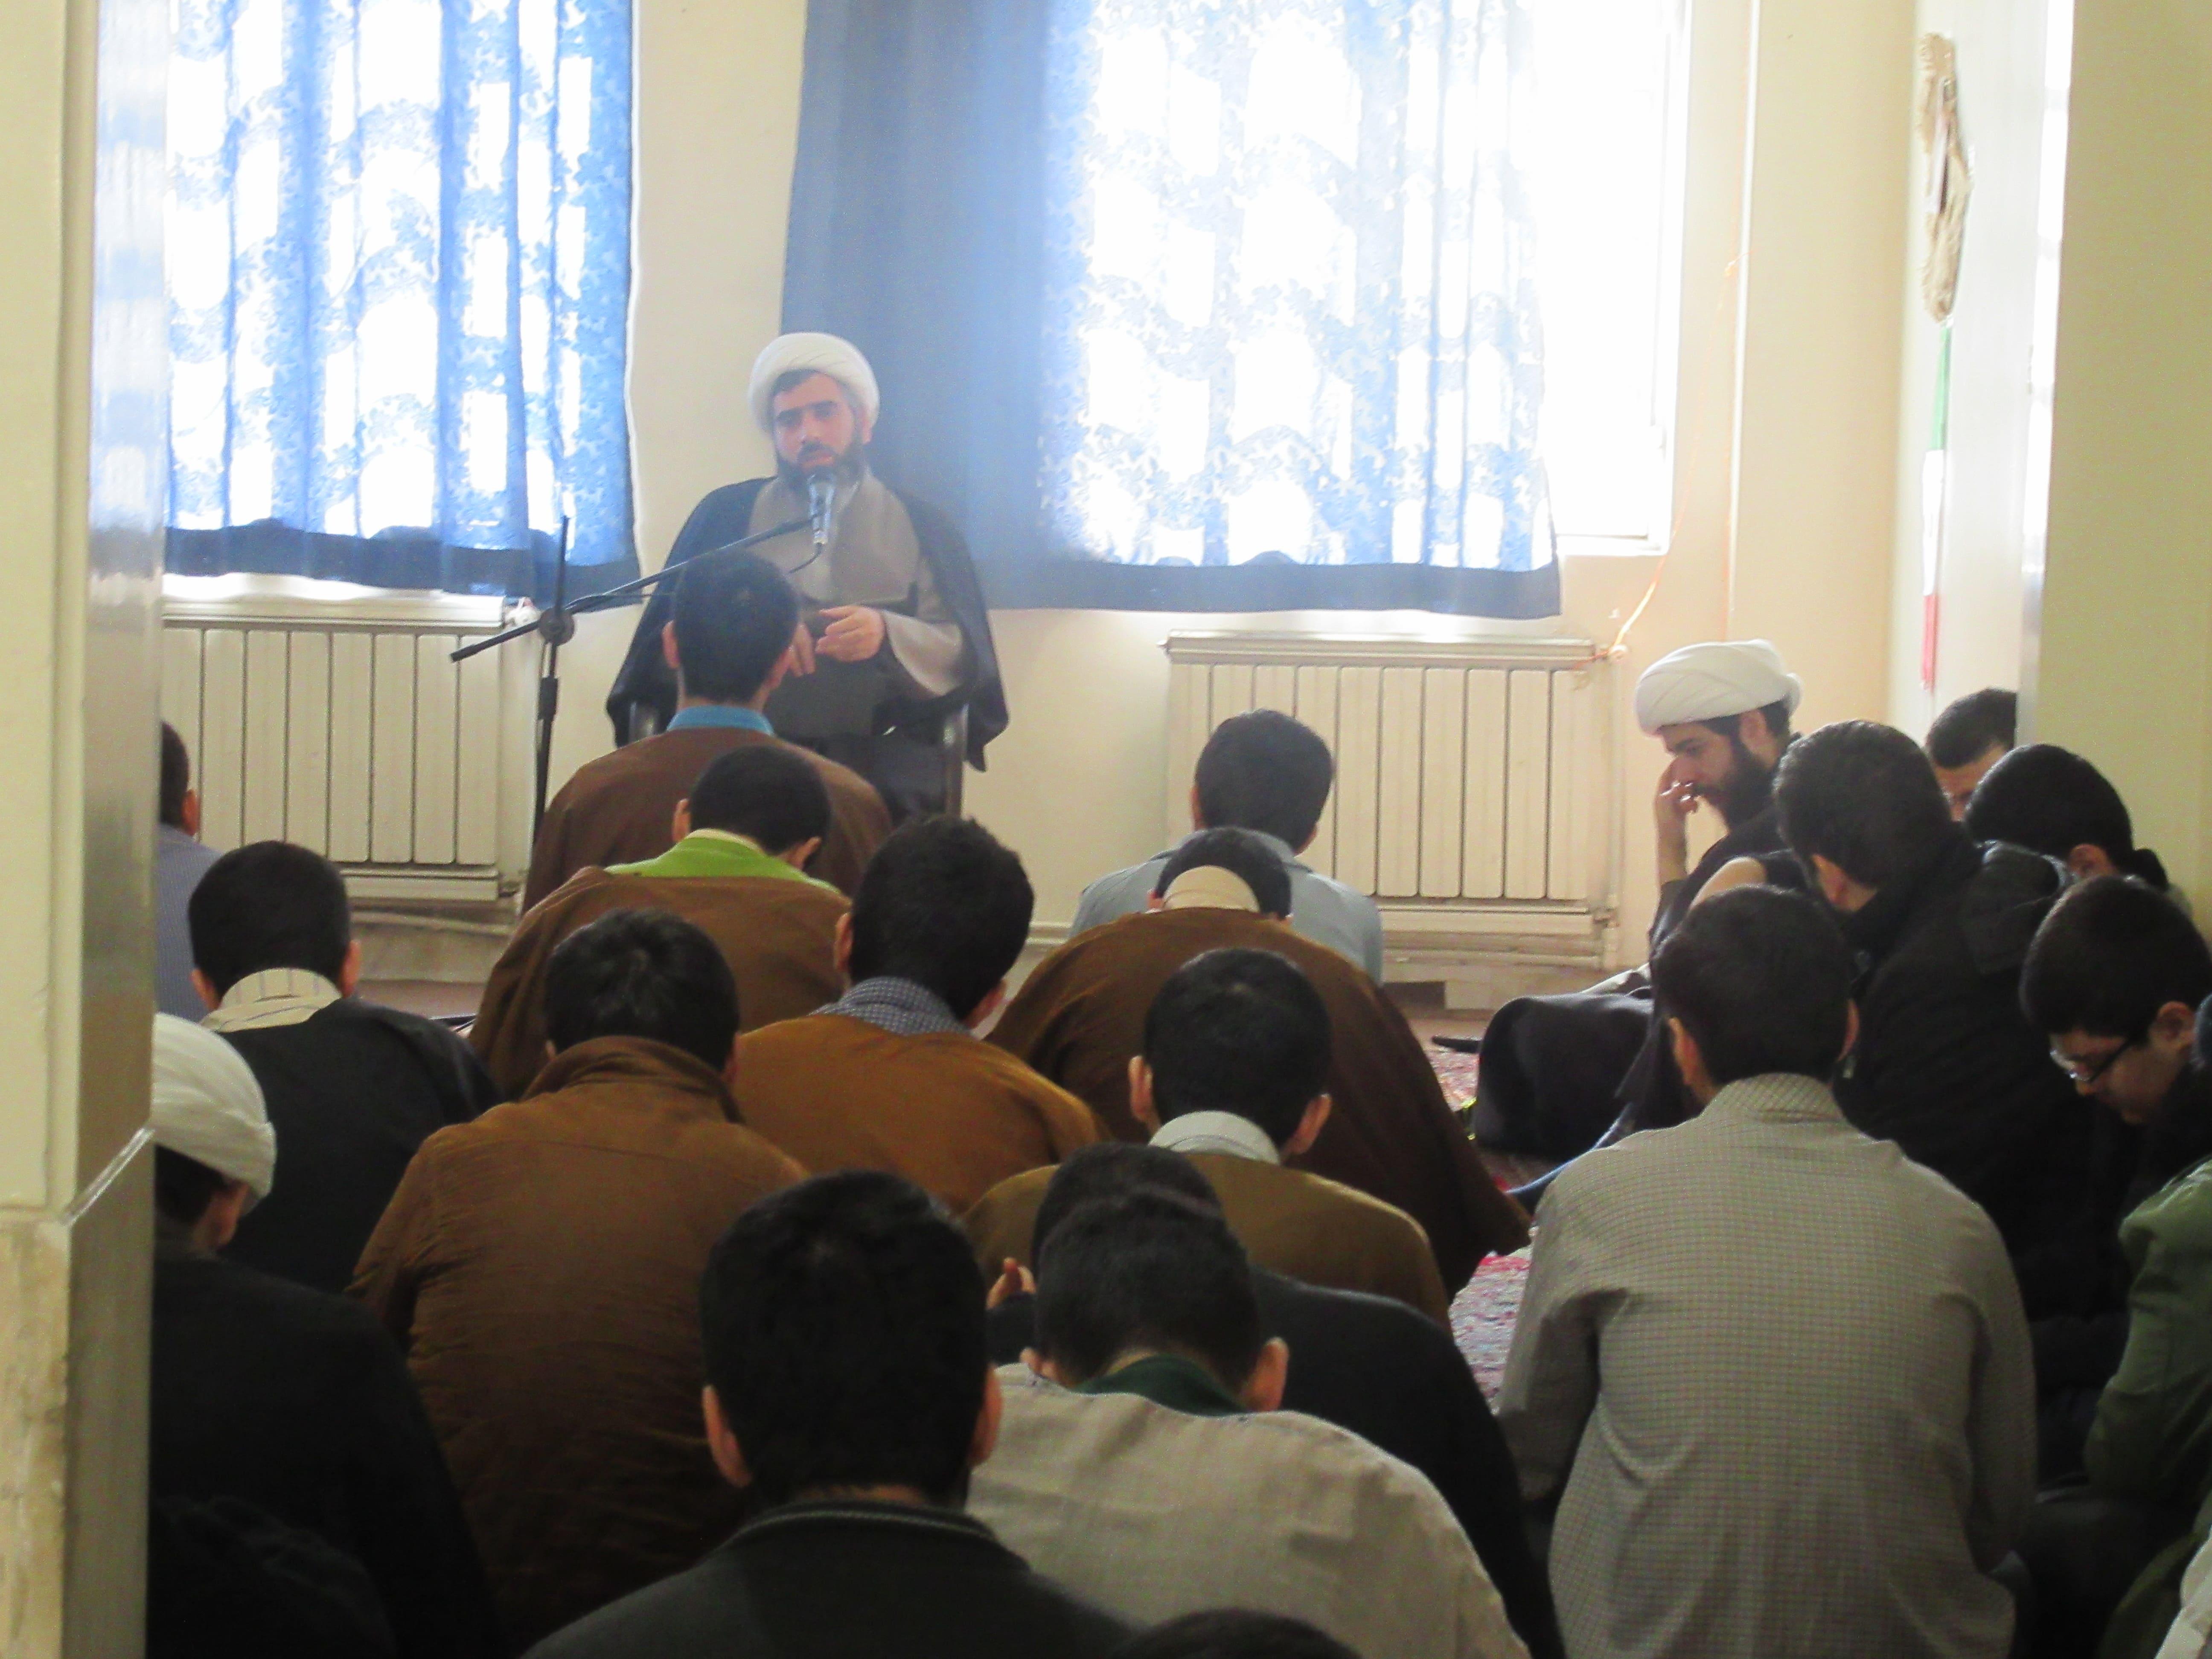 بازدید از مدرسه علمیه نبی اکرم (ص)